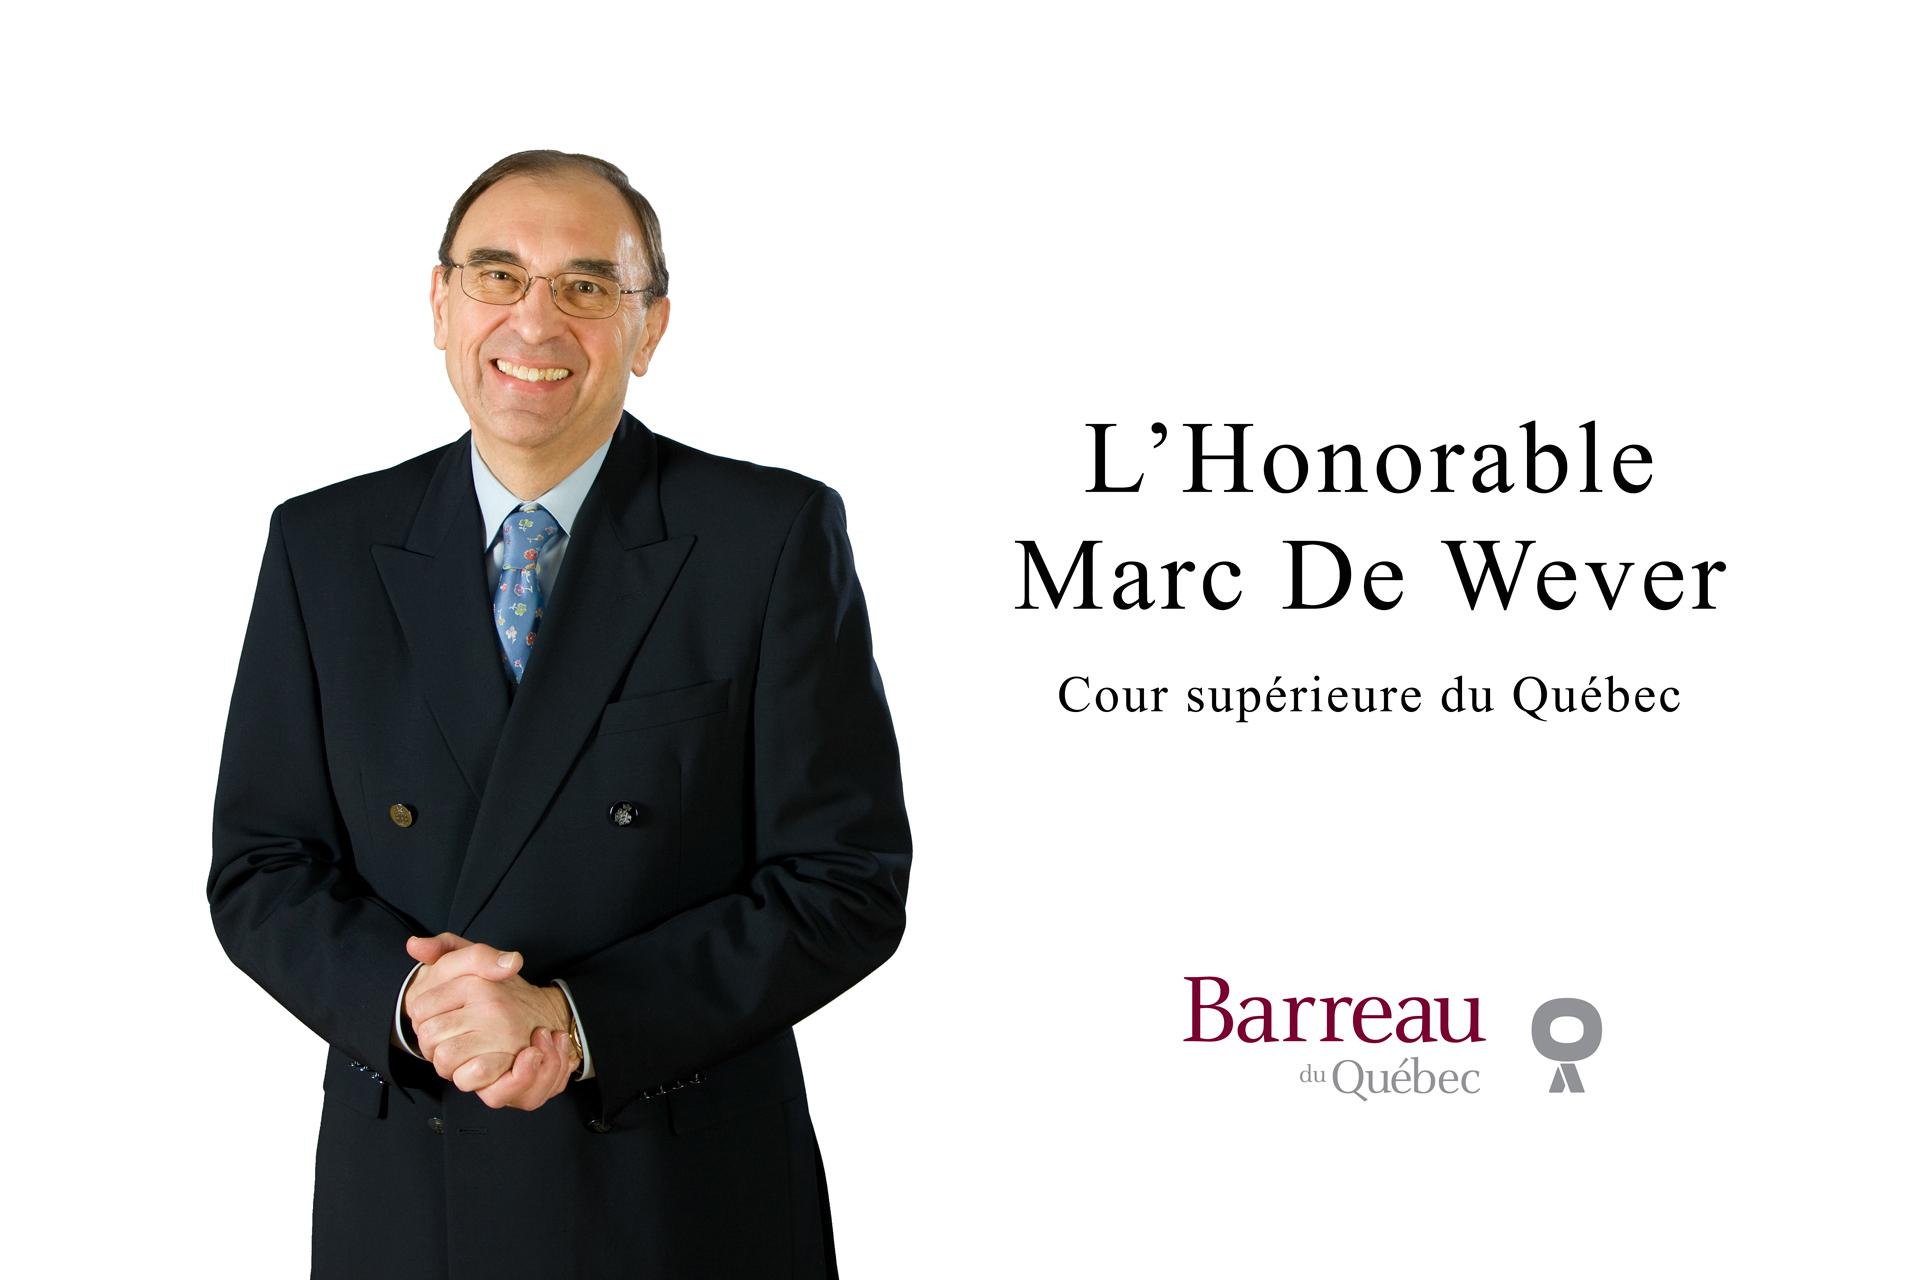 Juge Marc-De Wever